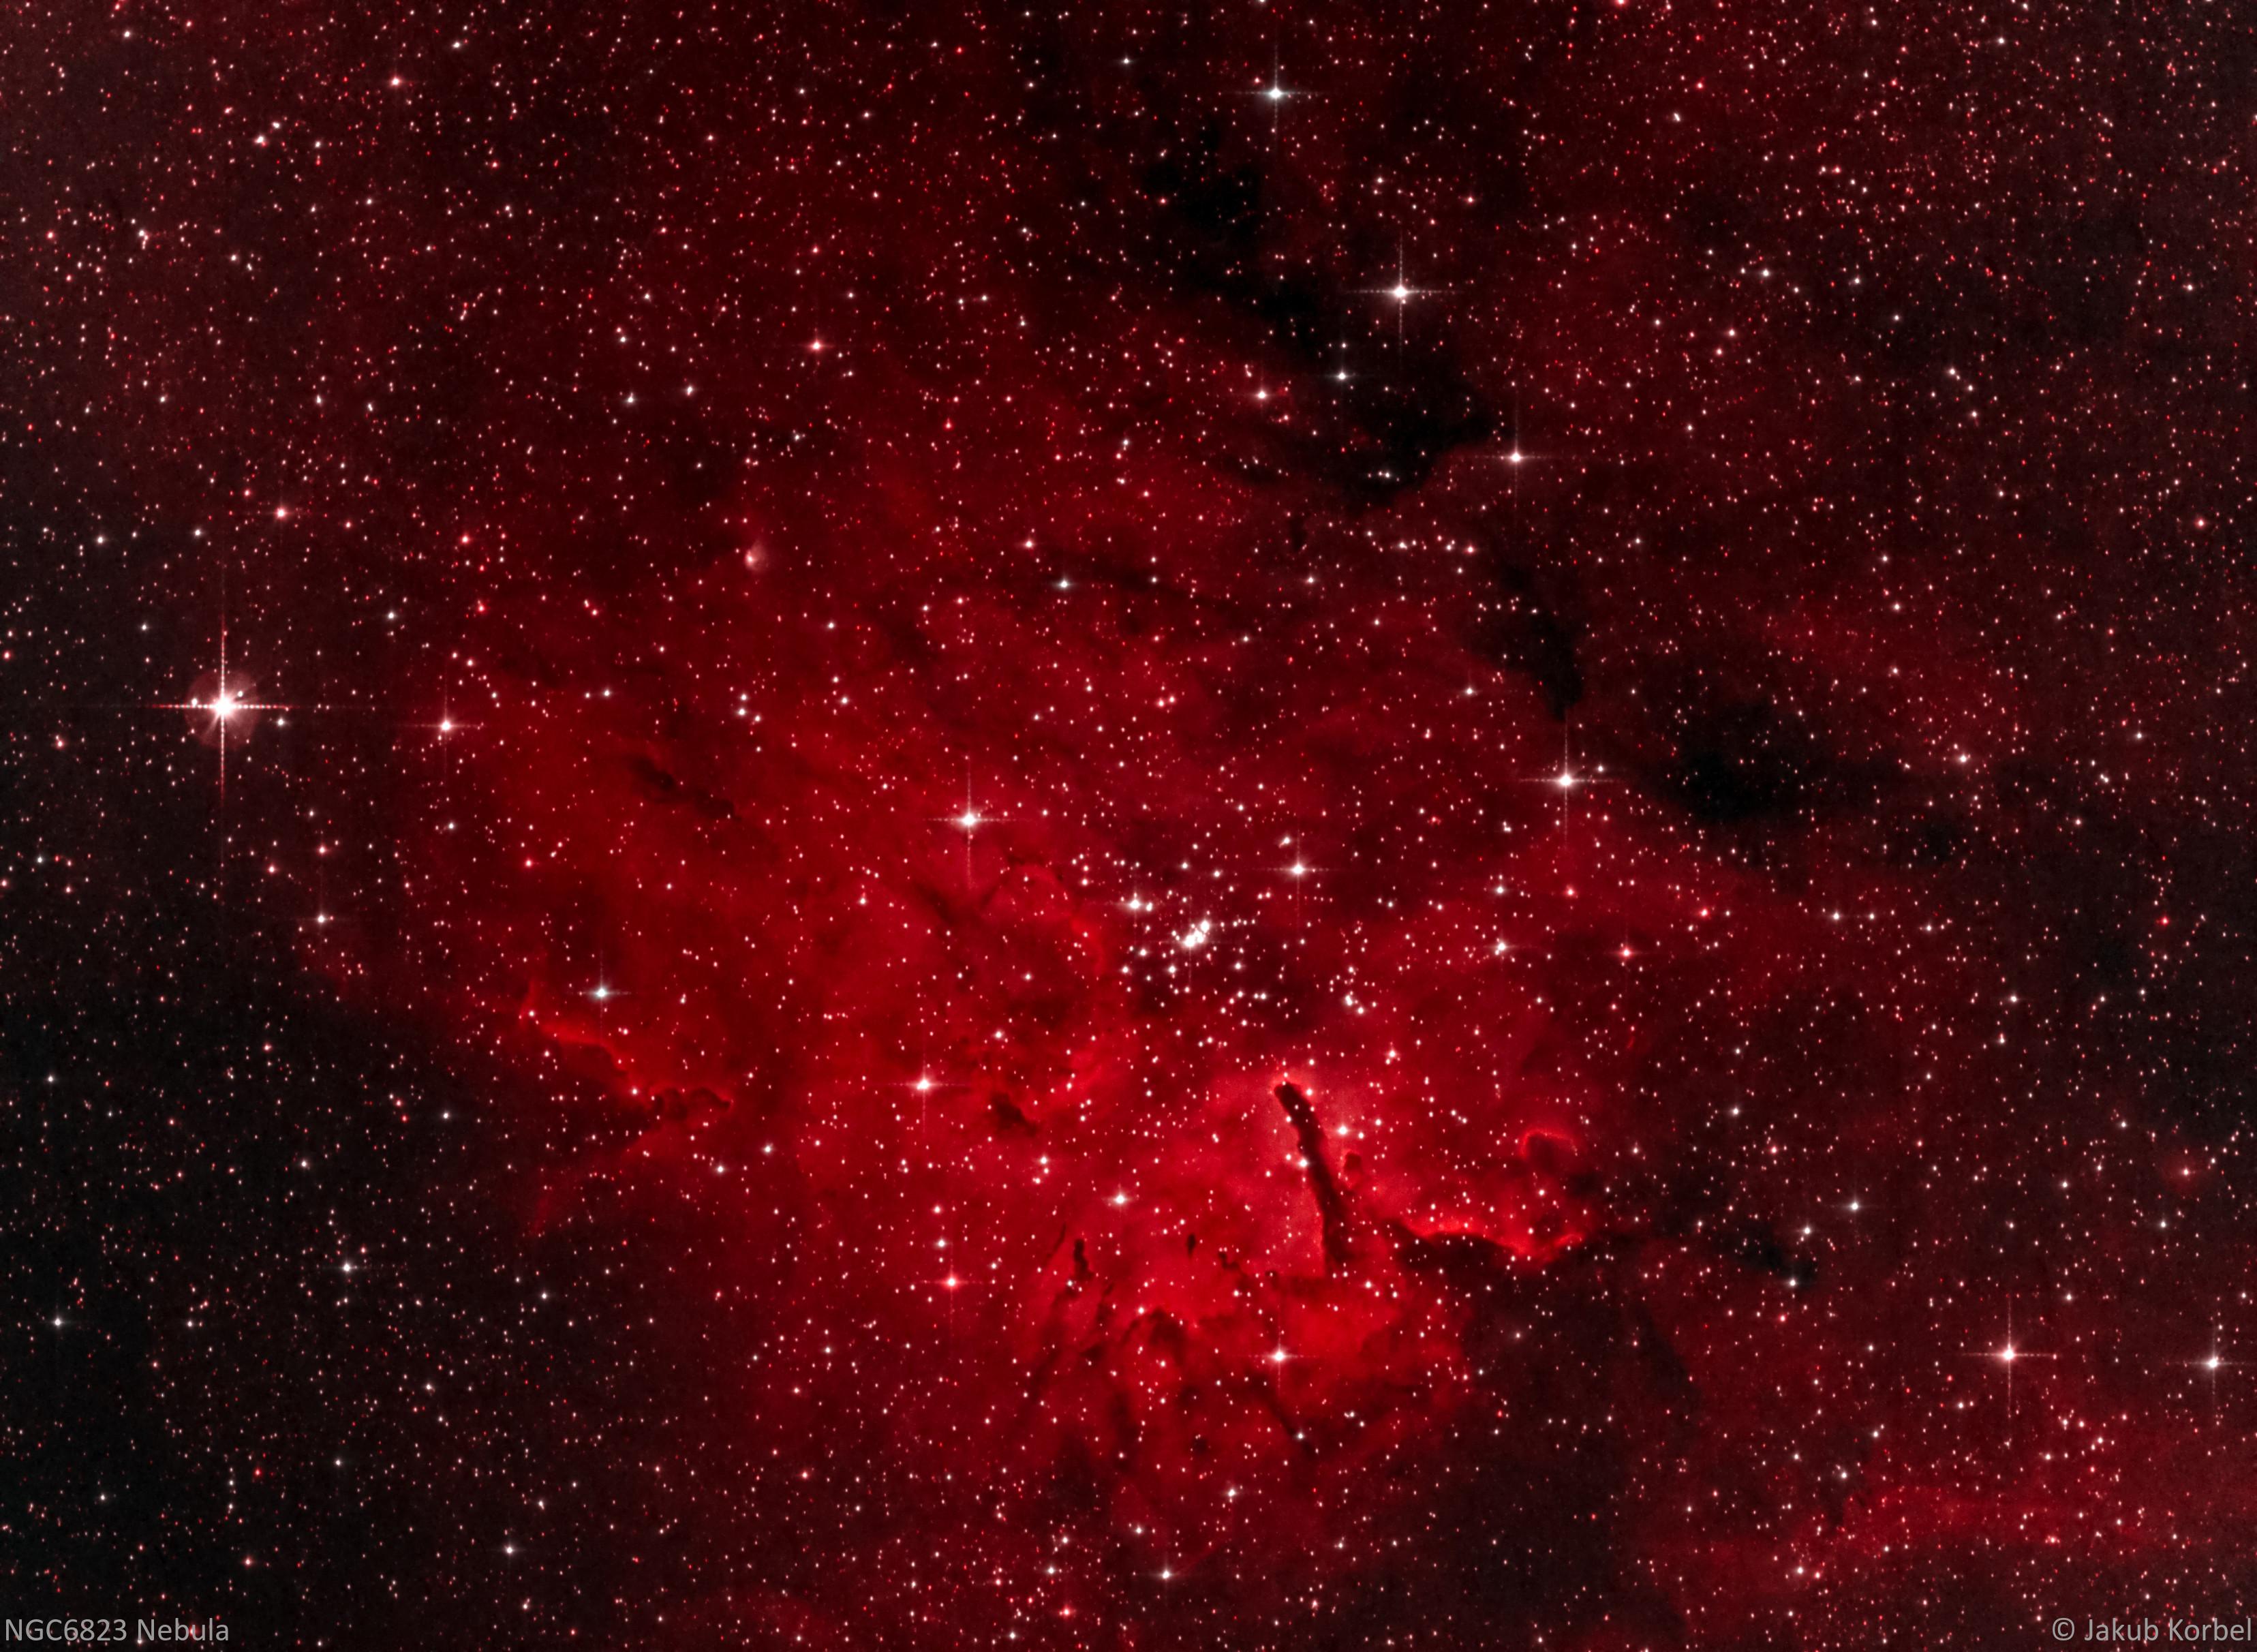 Emission nebula – AstroBlog